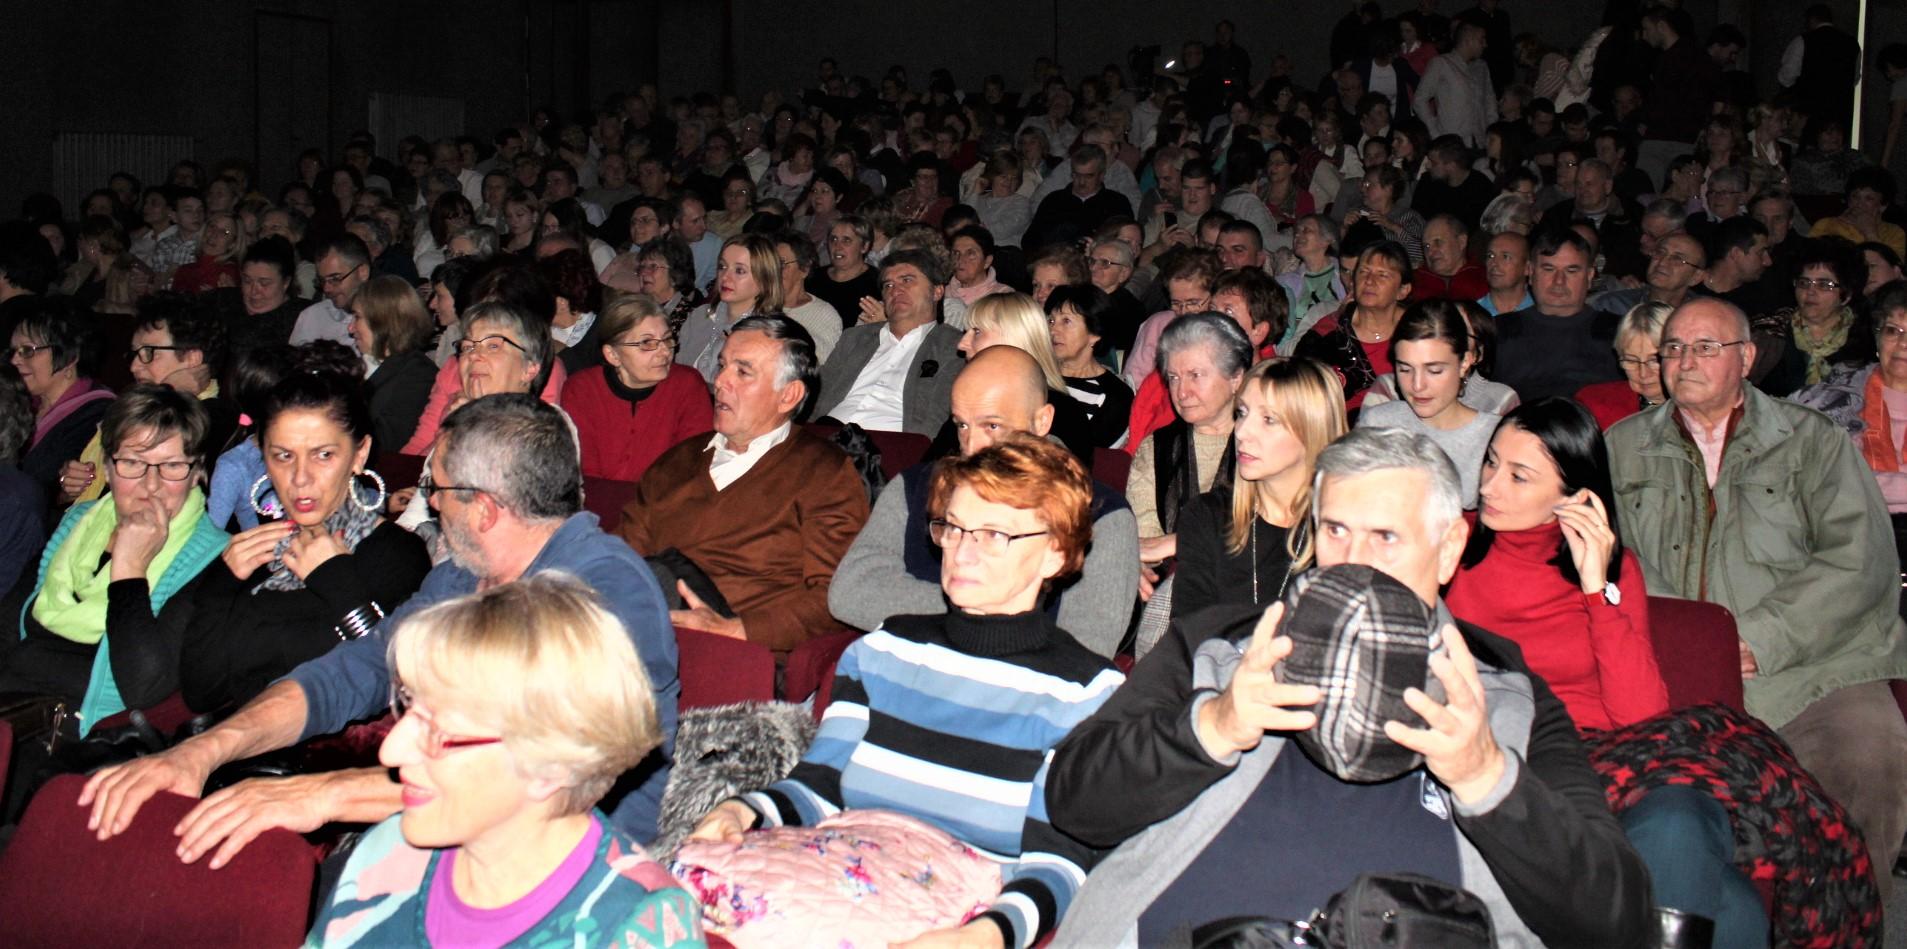 Zadovoljstvo u publici